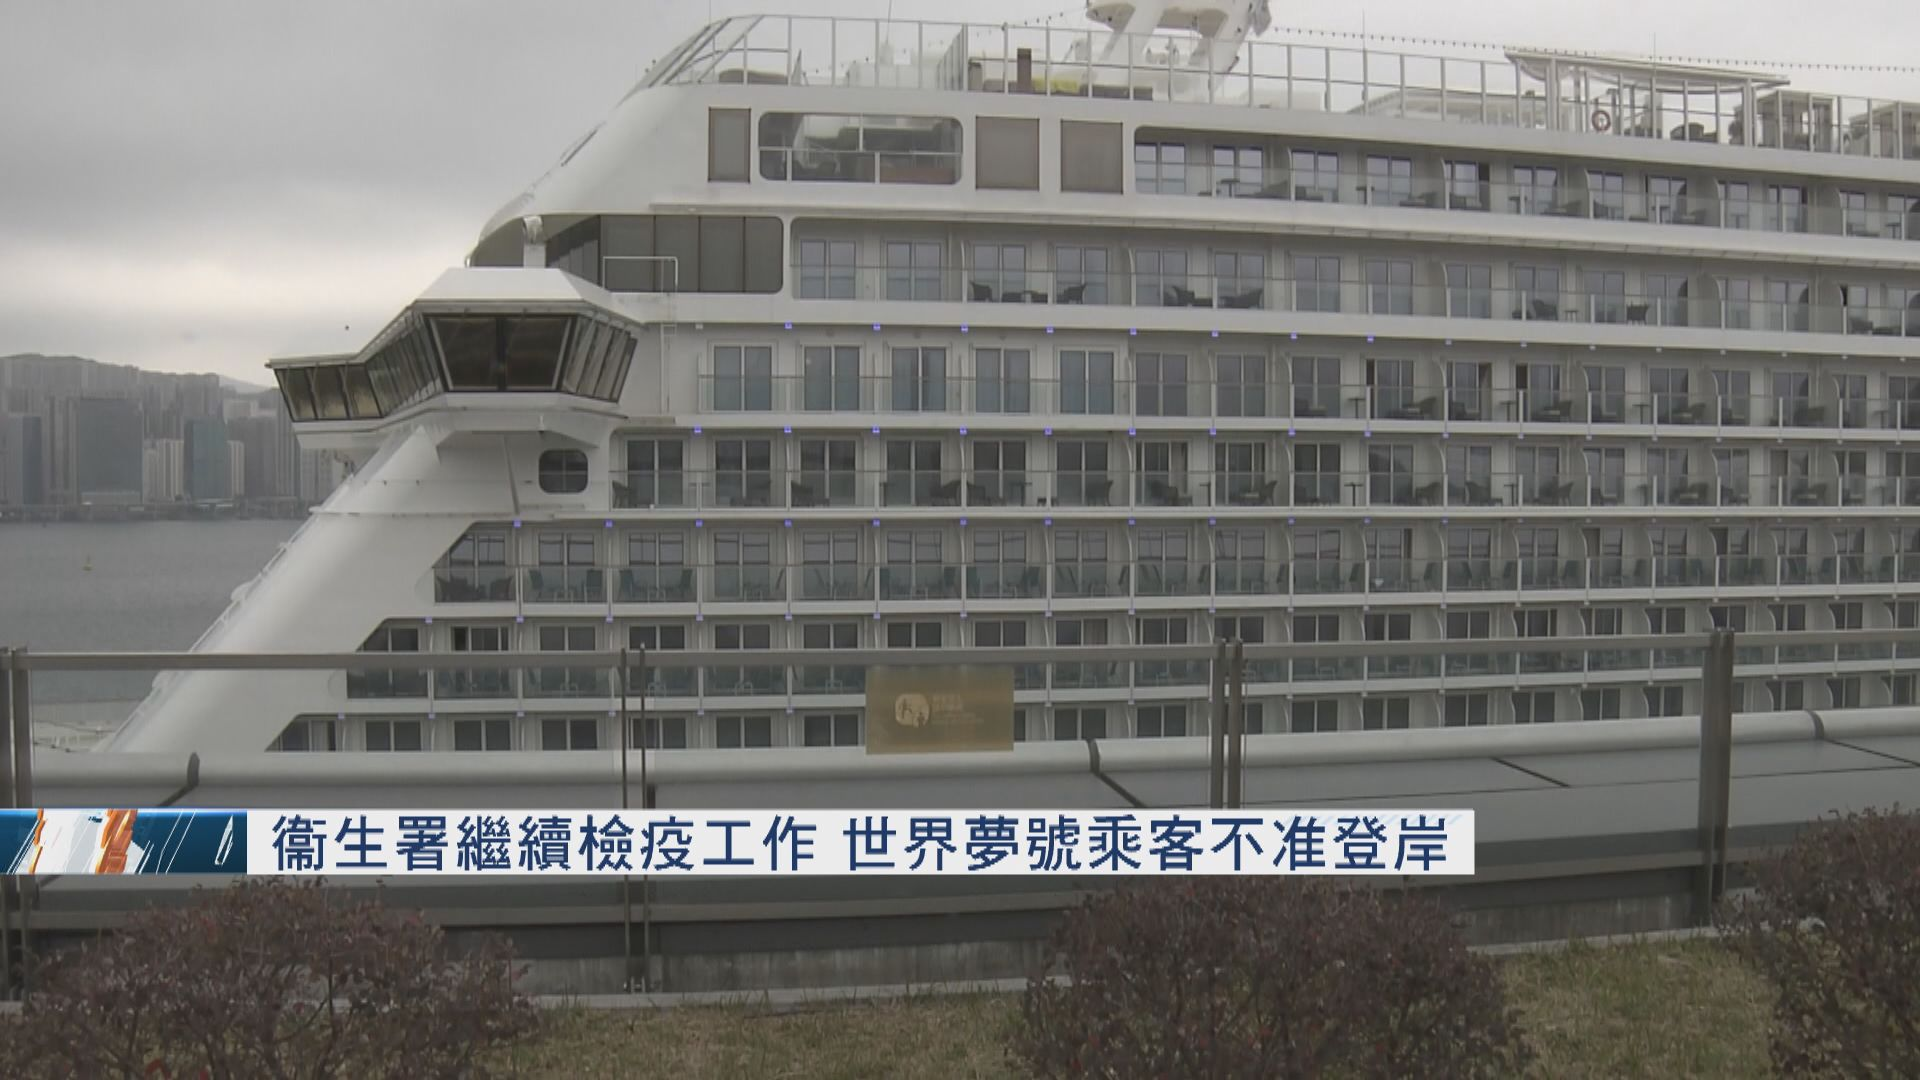 世界夢號郵輪旅客員工仍不准落船